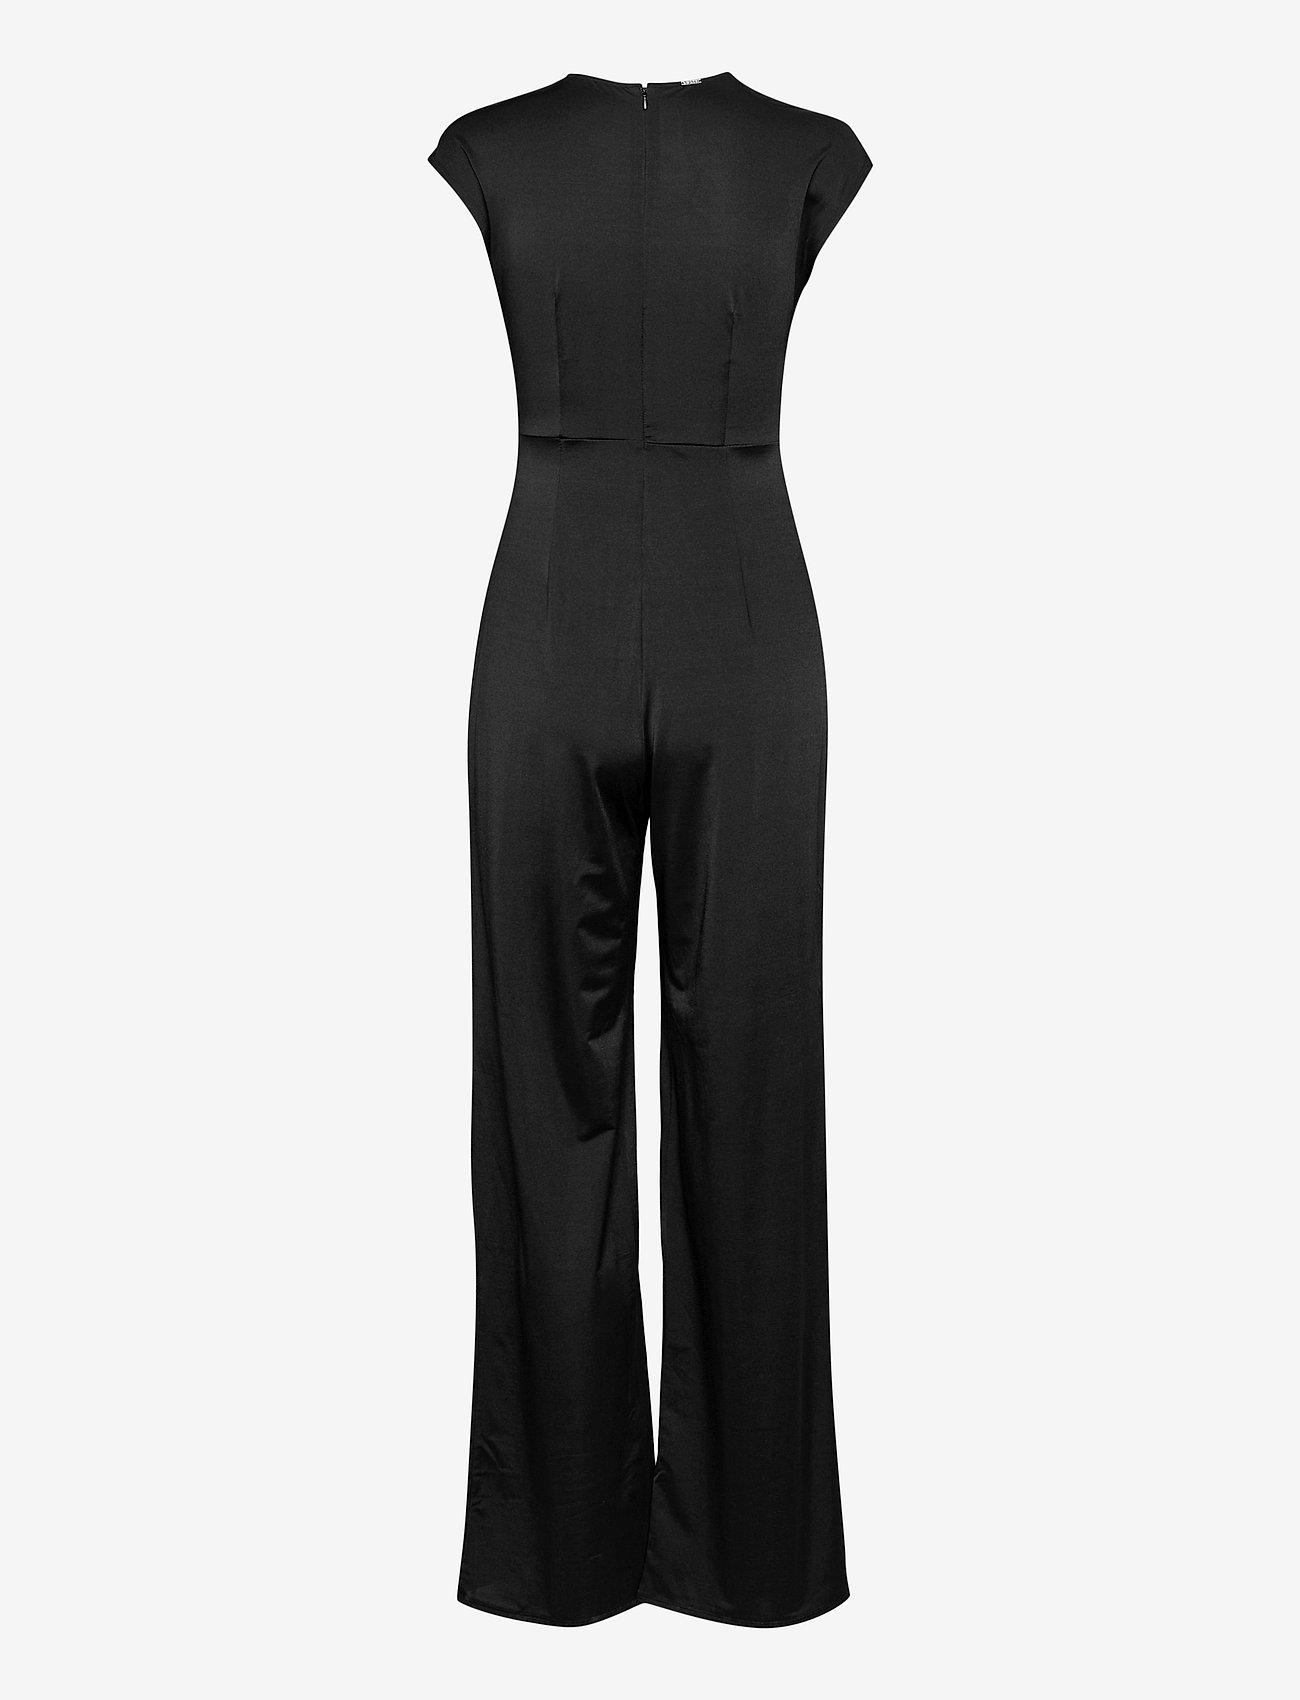 GUESS Jeans - ROSANNA JUMPSUIT - jet black a996 - 1